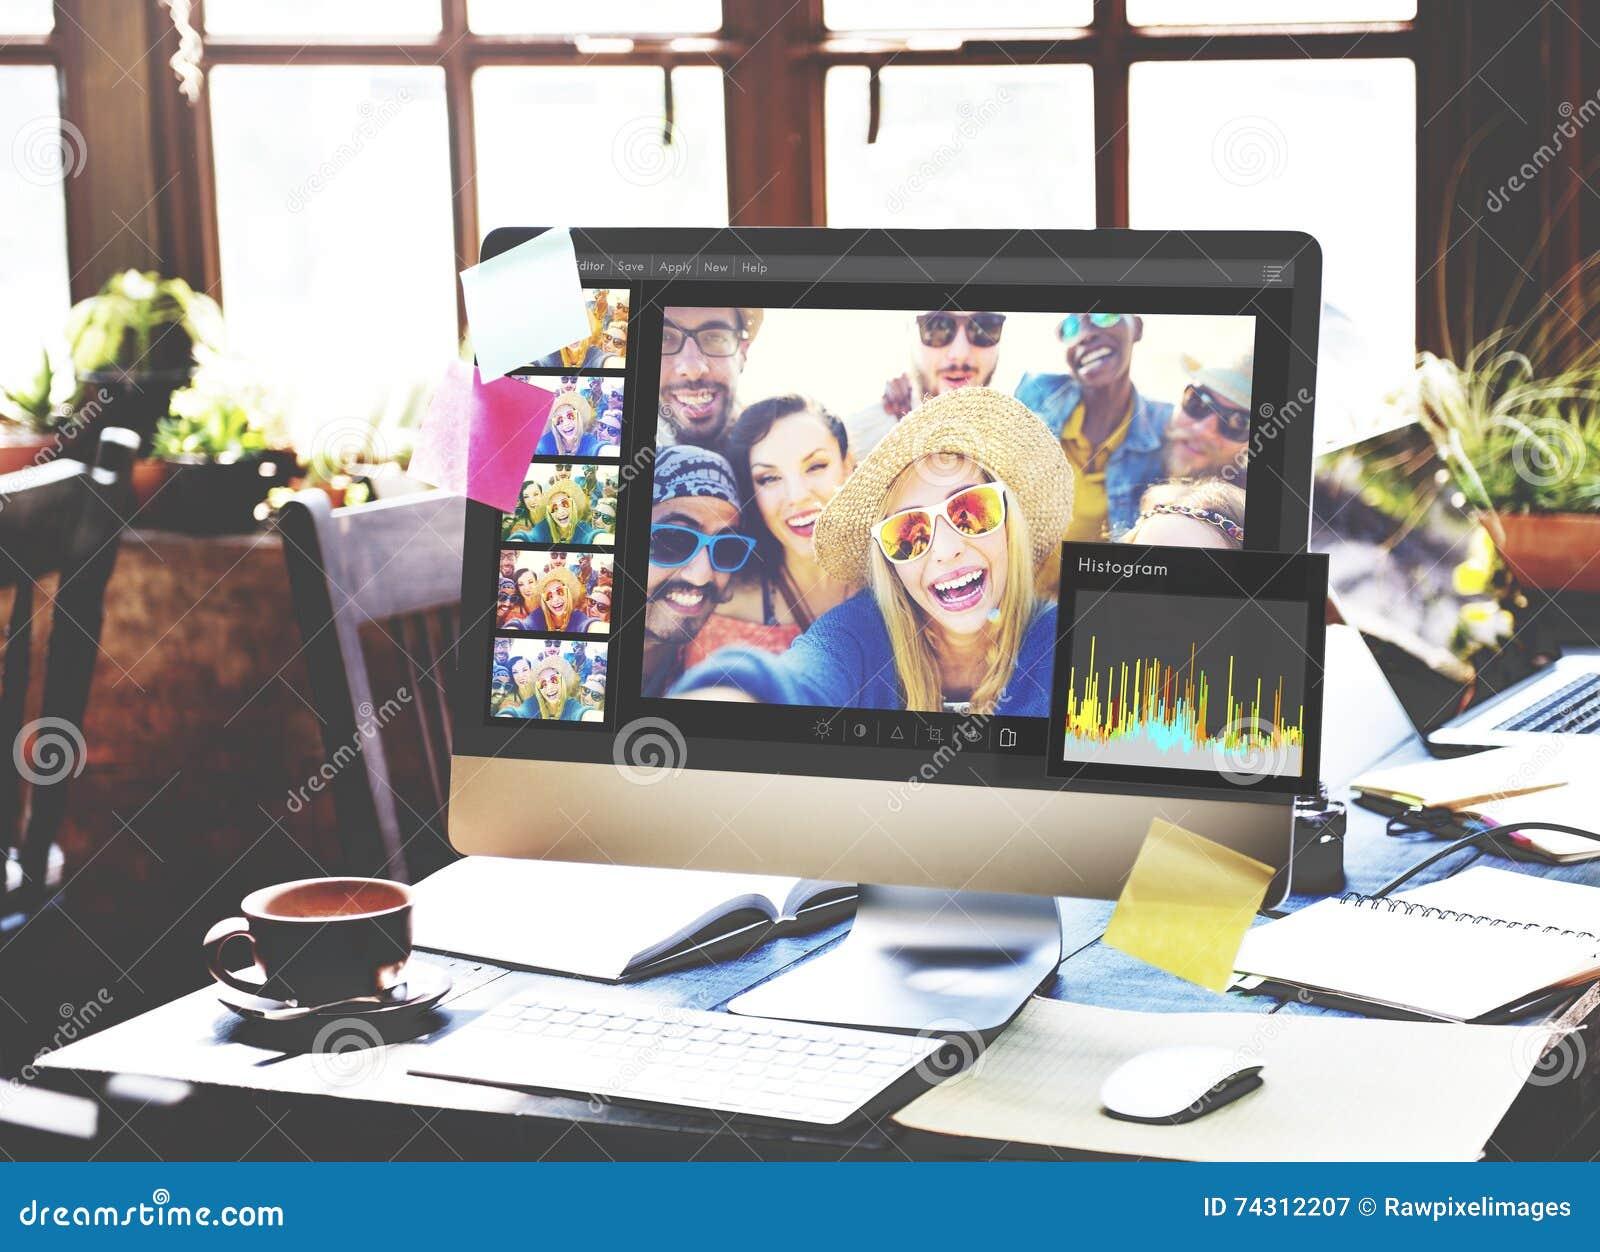 Θέτοντας έννοια ιστογράμμων συντακτών φωτογραφιών